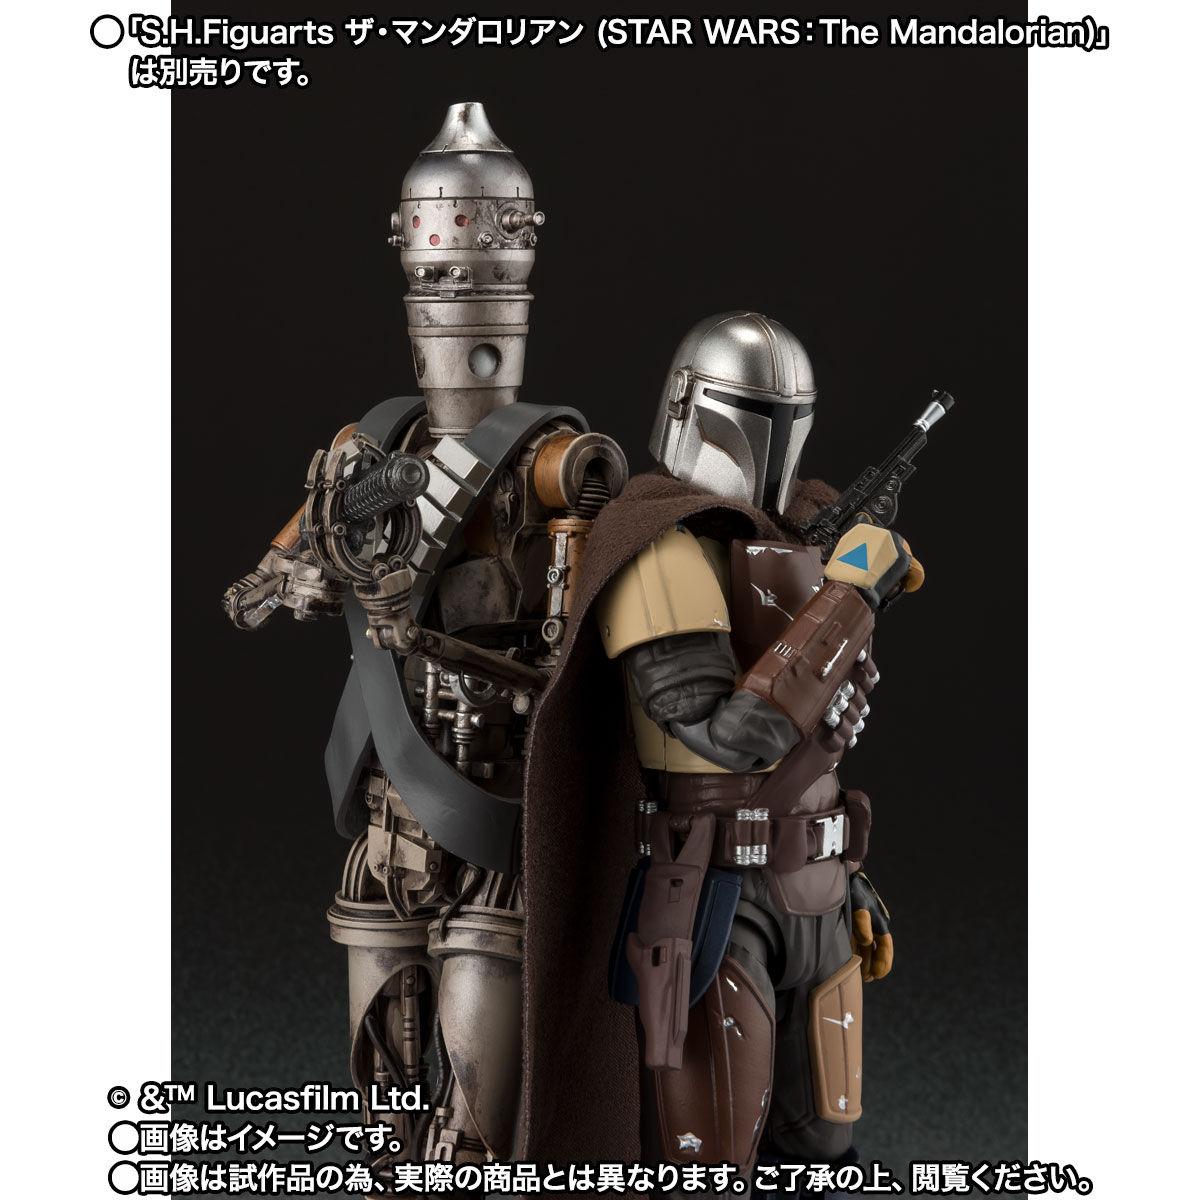 【限定販売】S.H.Figuarts『IG-11(STAR WARS:The Mandalorian)』マンダロリアン 可動フィギュア-009